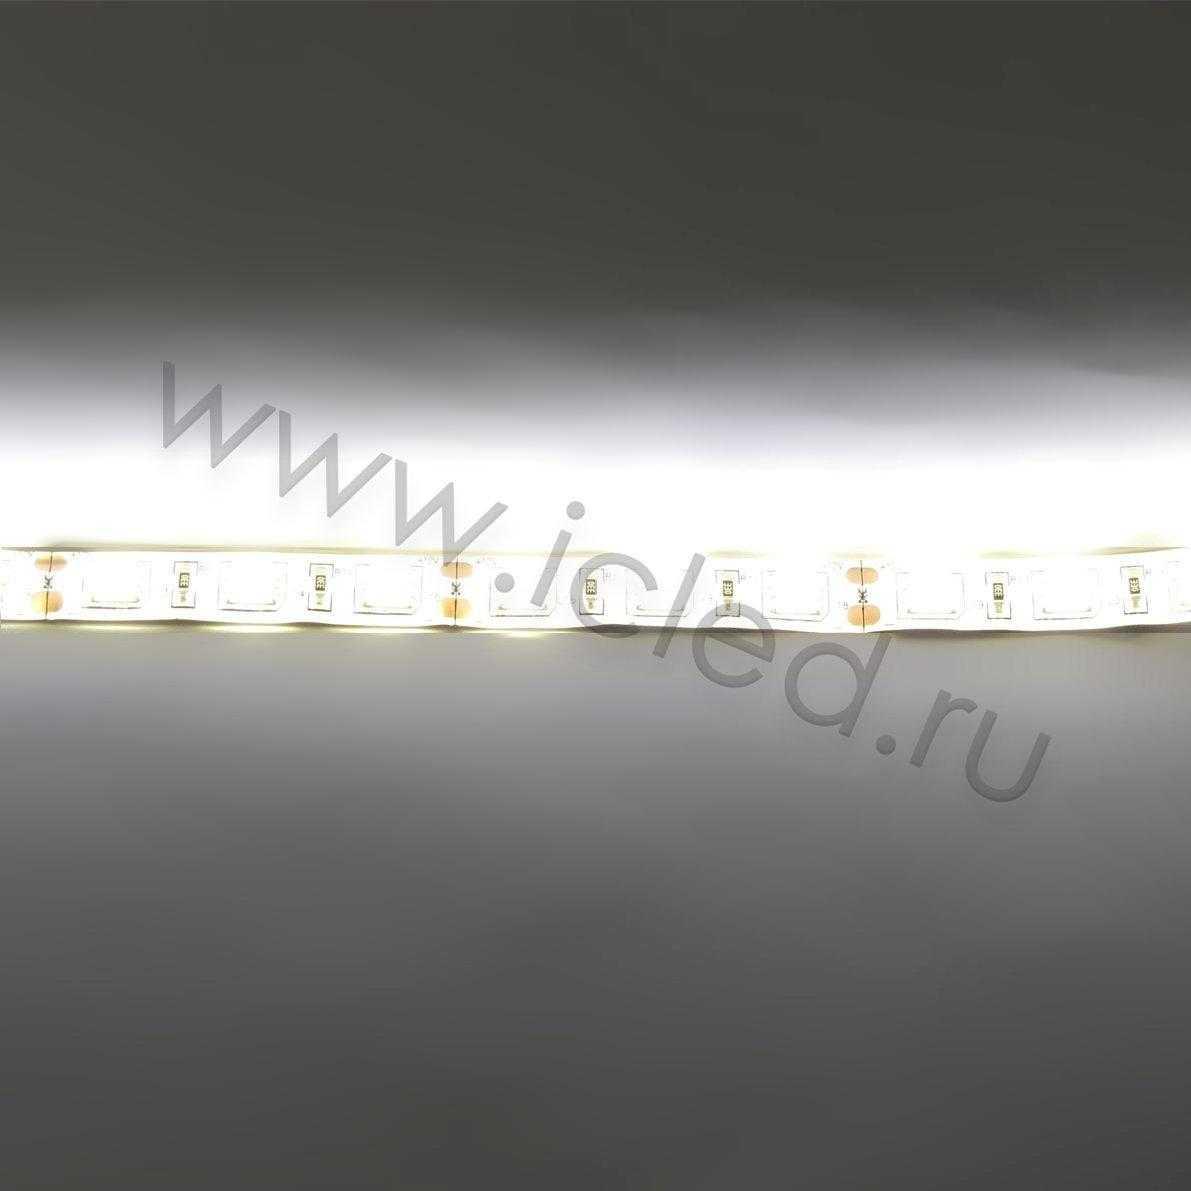 Светодиодная лента Class A, 5050, 60led/m, Warm White, 12V, IP65